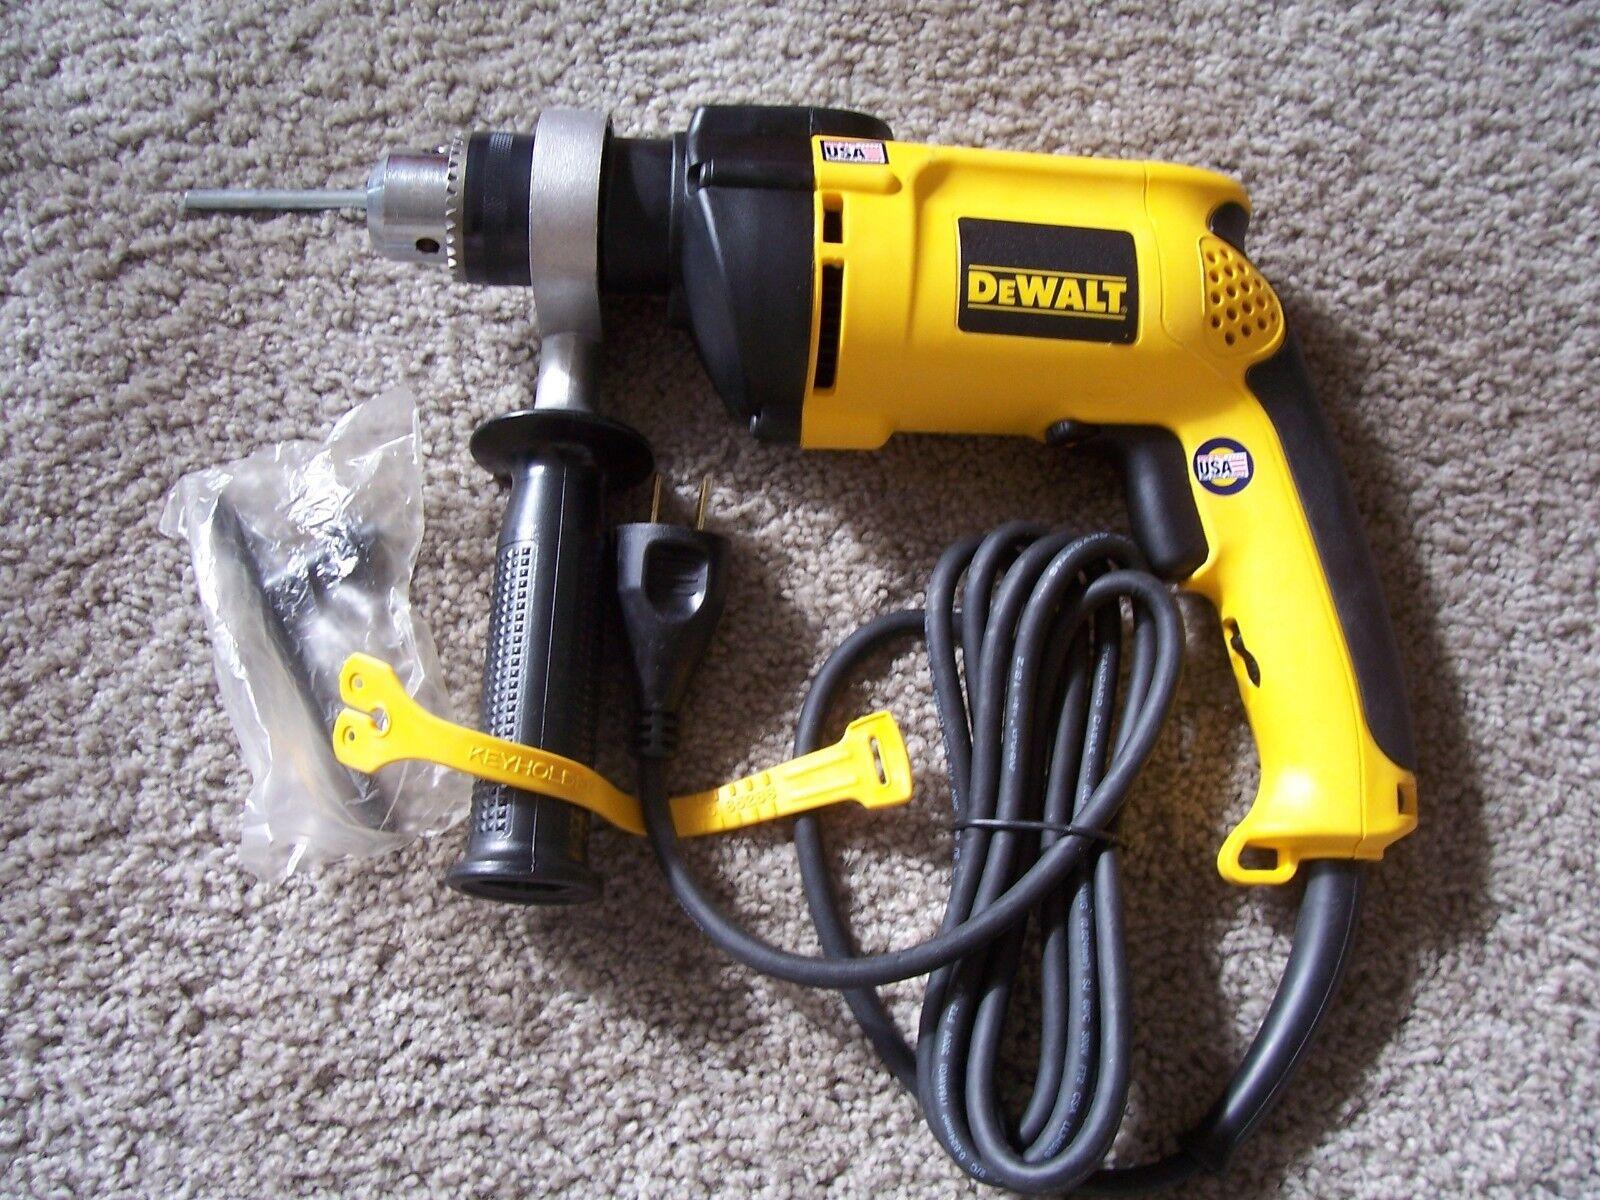 Dewatt DW511 1 2  VSR Hammer Drill